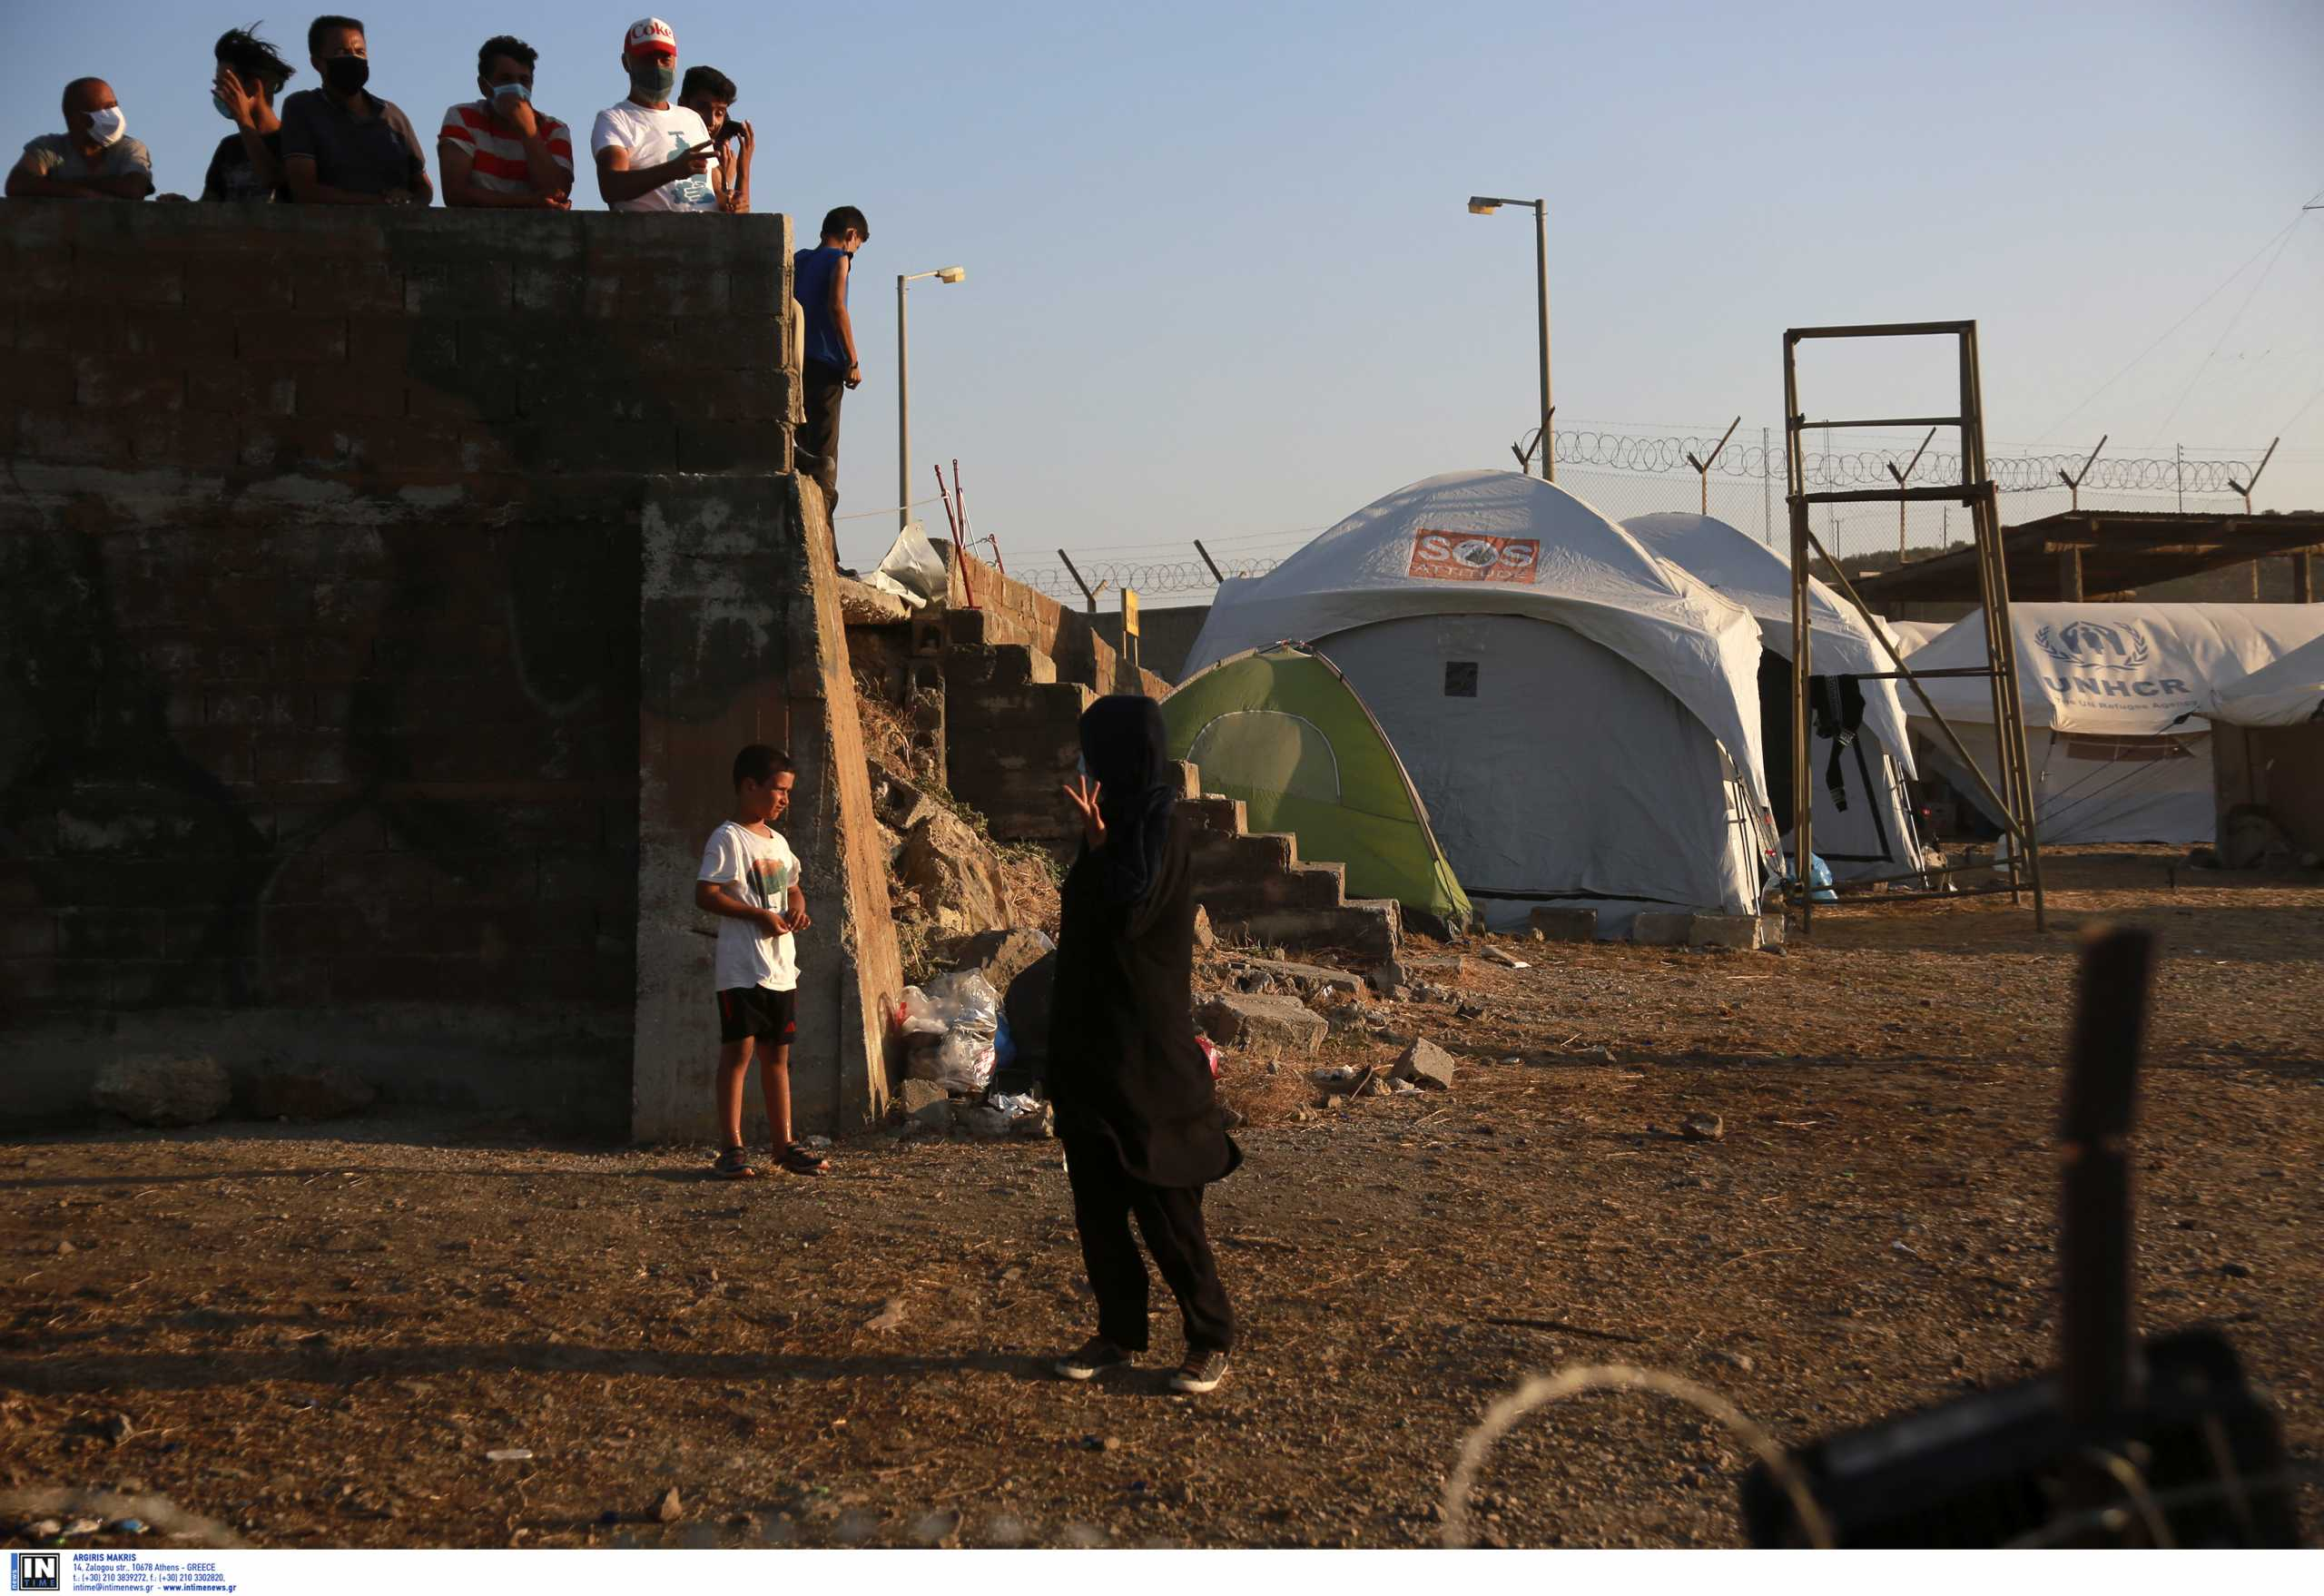 Αυστρία: Δεν υπάρχει εναλλακτική στη συνεργασία ΕΕ – Τουρκίας για το προσφυγικό